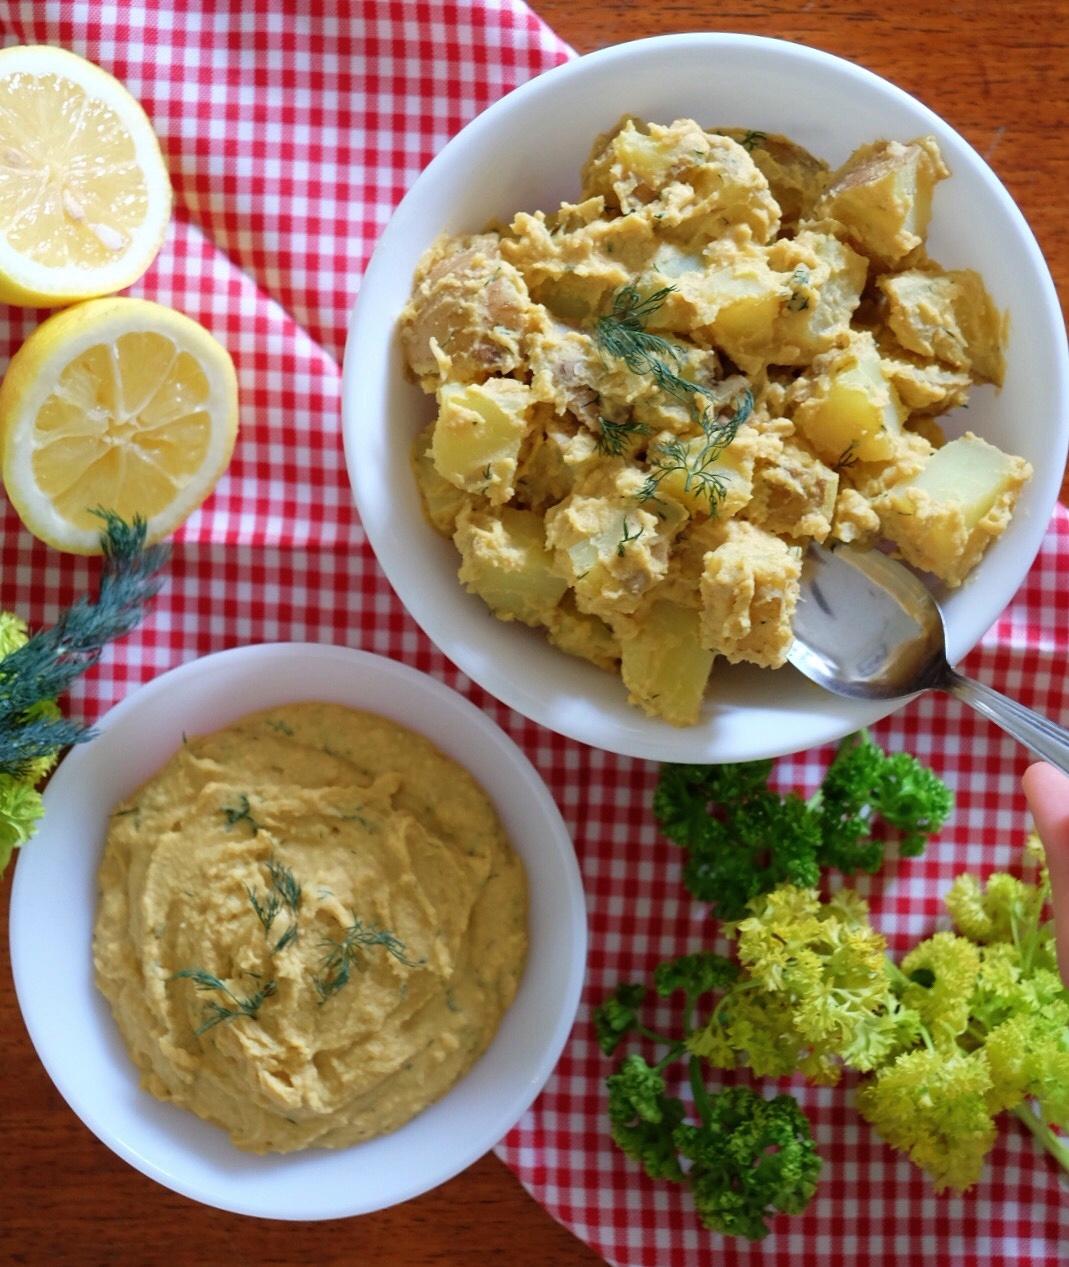 Cheesy Lemon Dill Hummus Recipe